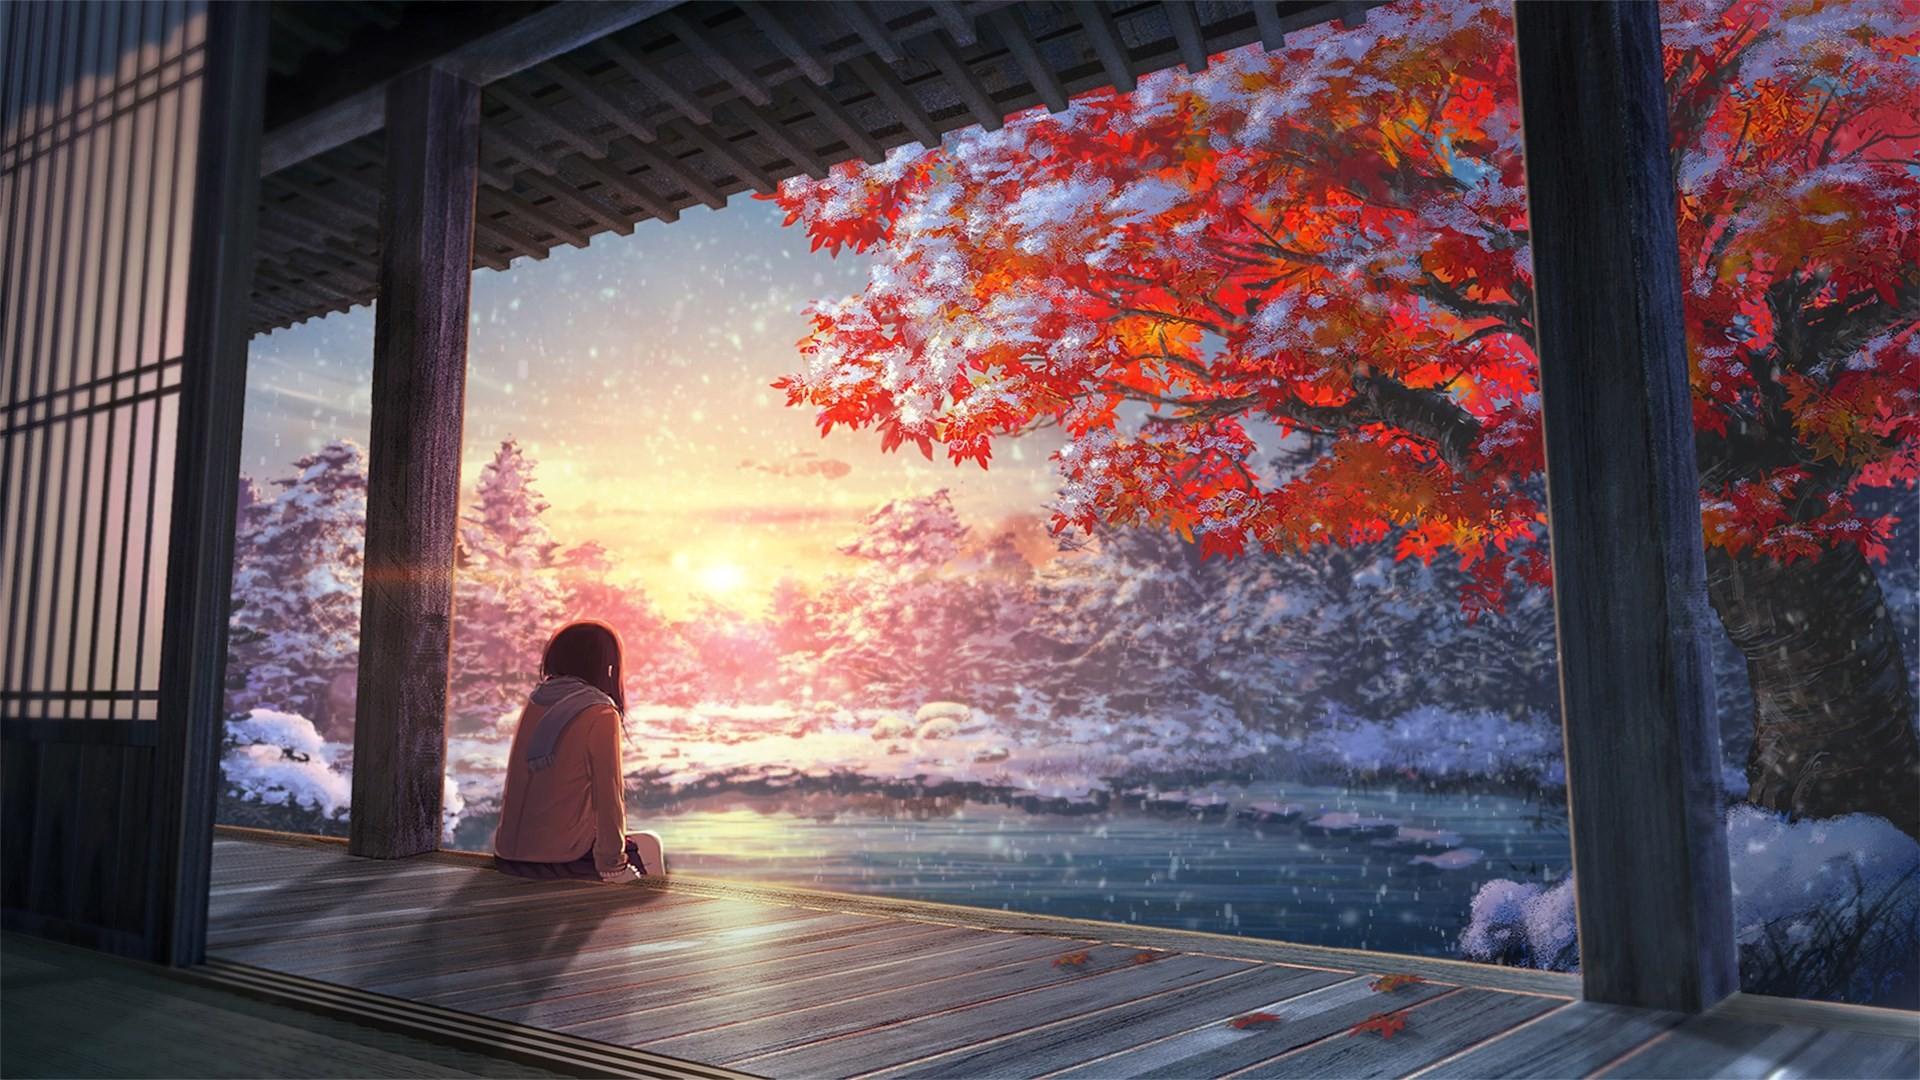 Fondos de pantalla luz de sol paisaje anime rojo for Esteban paredes wallpaper hd